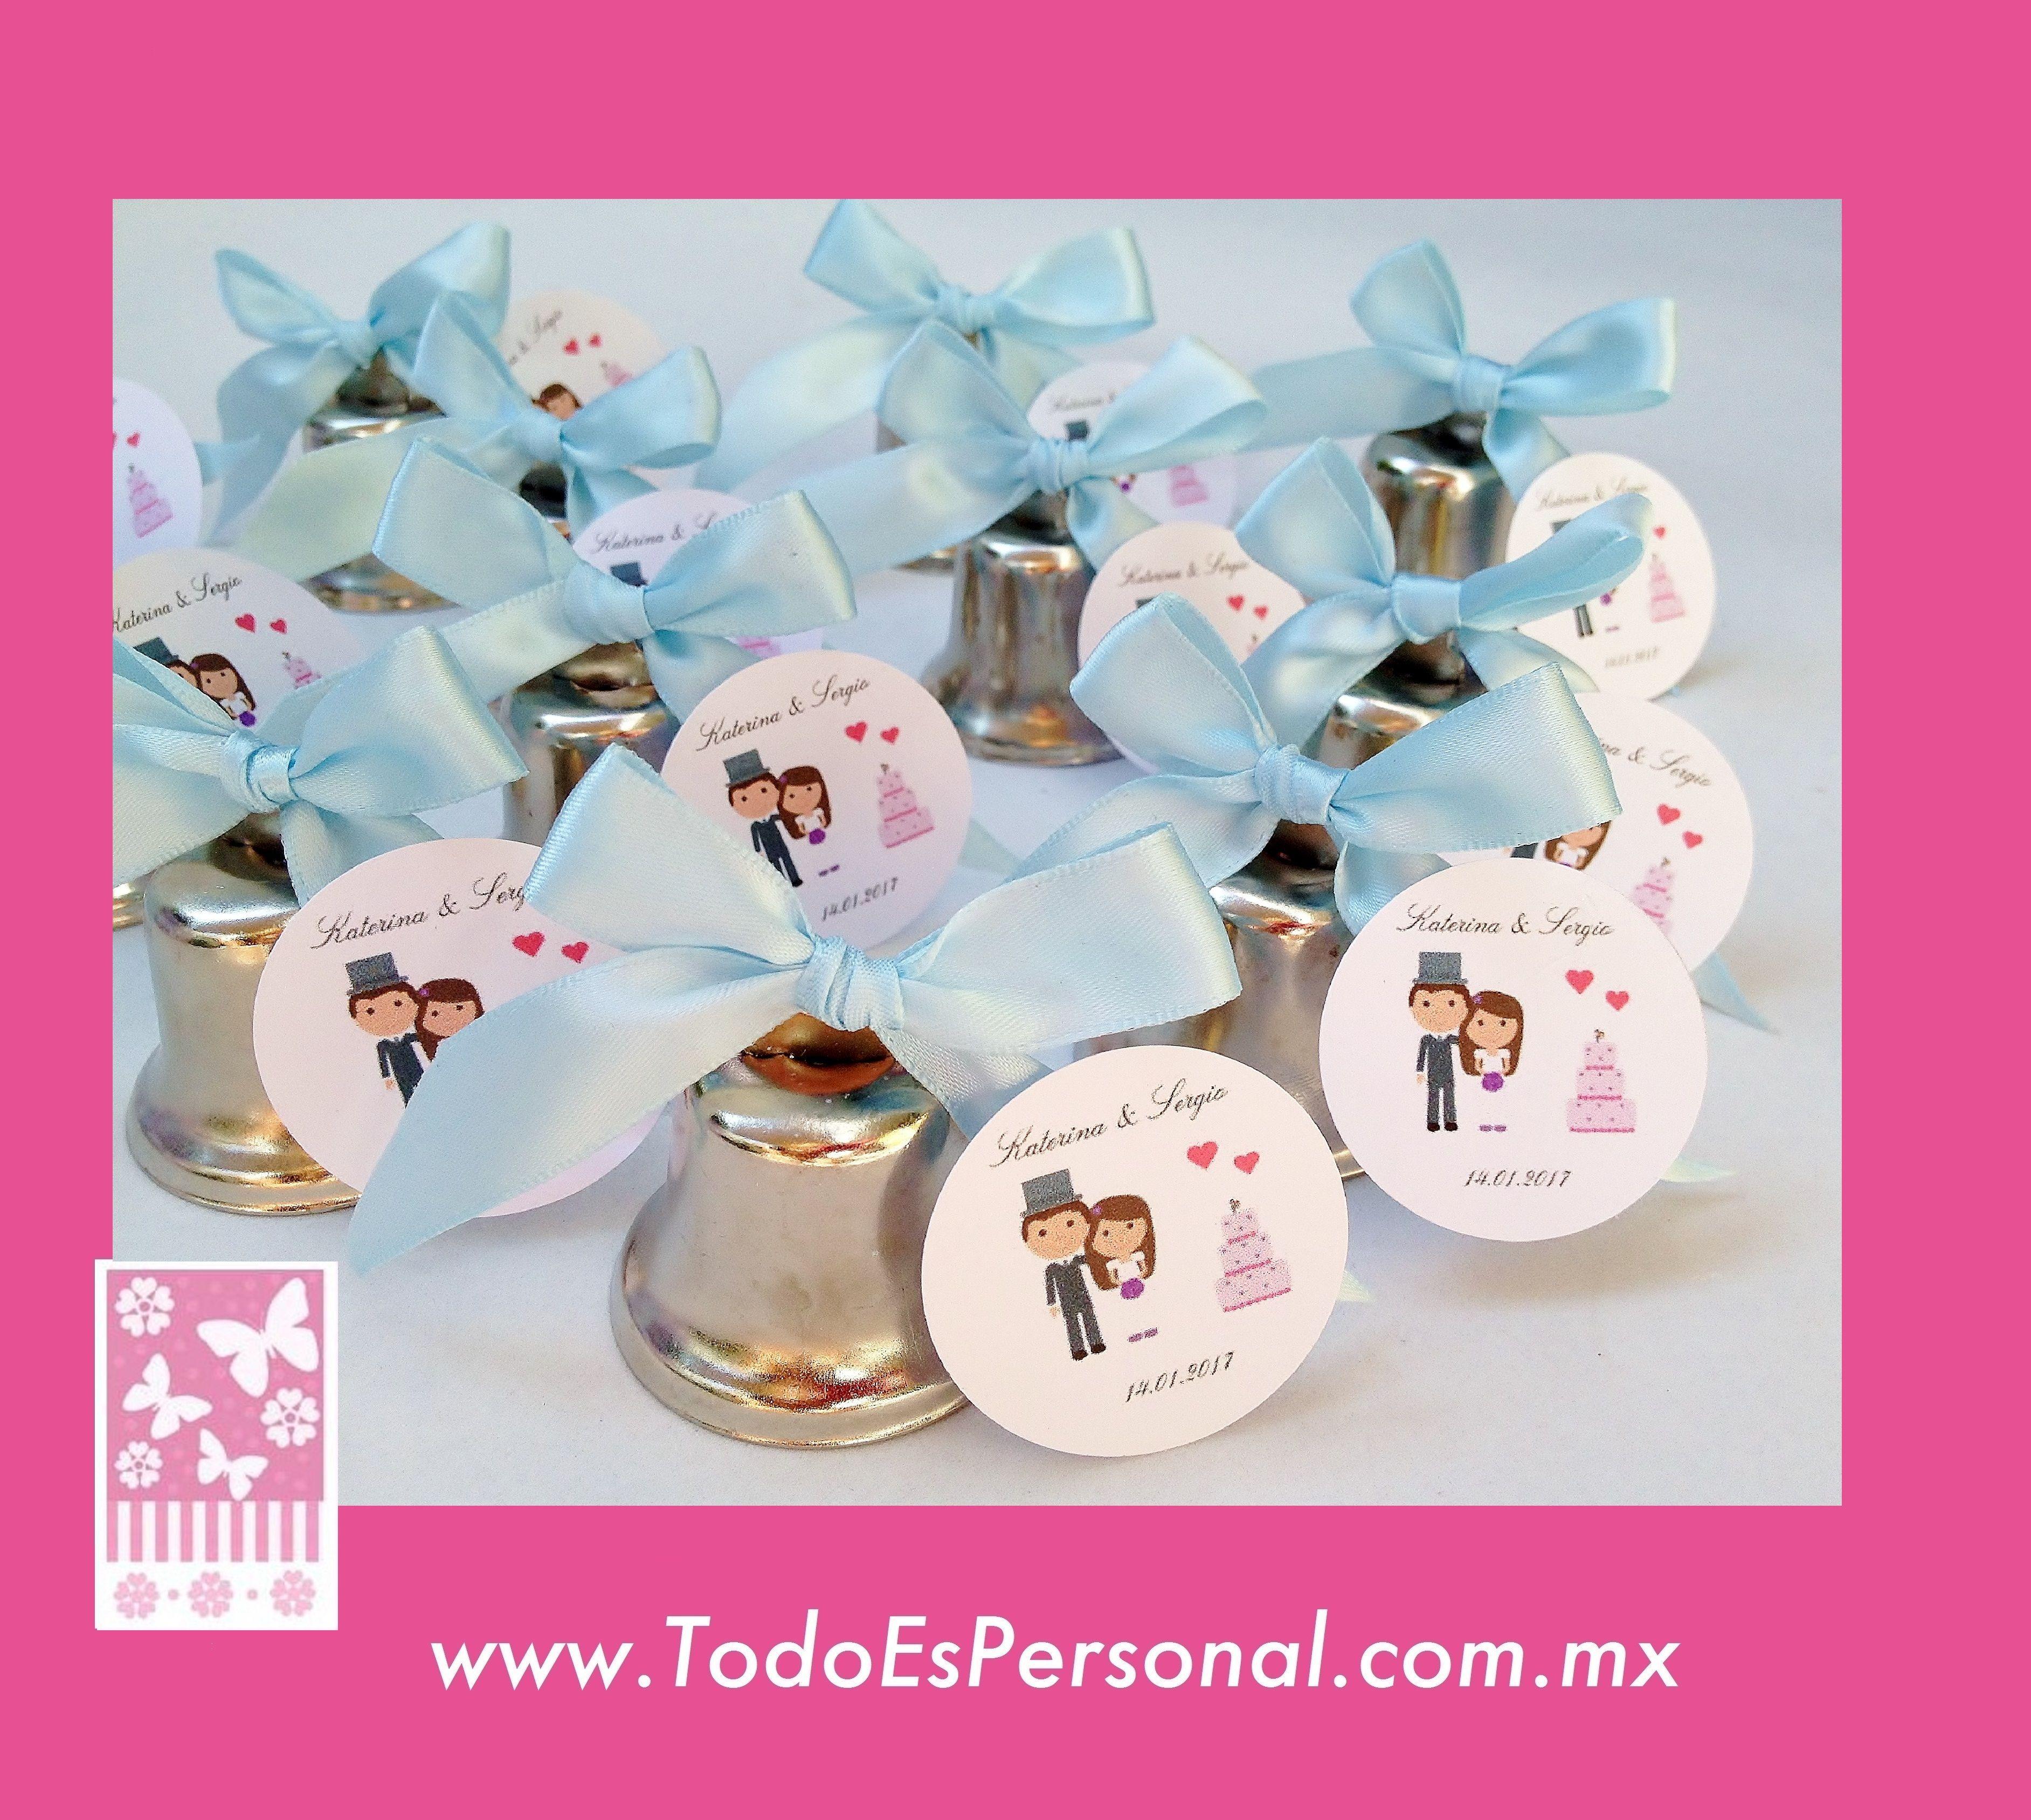 Campanas para boda bodas elegantes bodas originales - Recuerdos de bodas para invitados ...